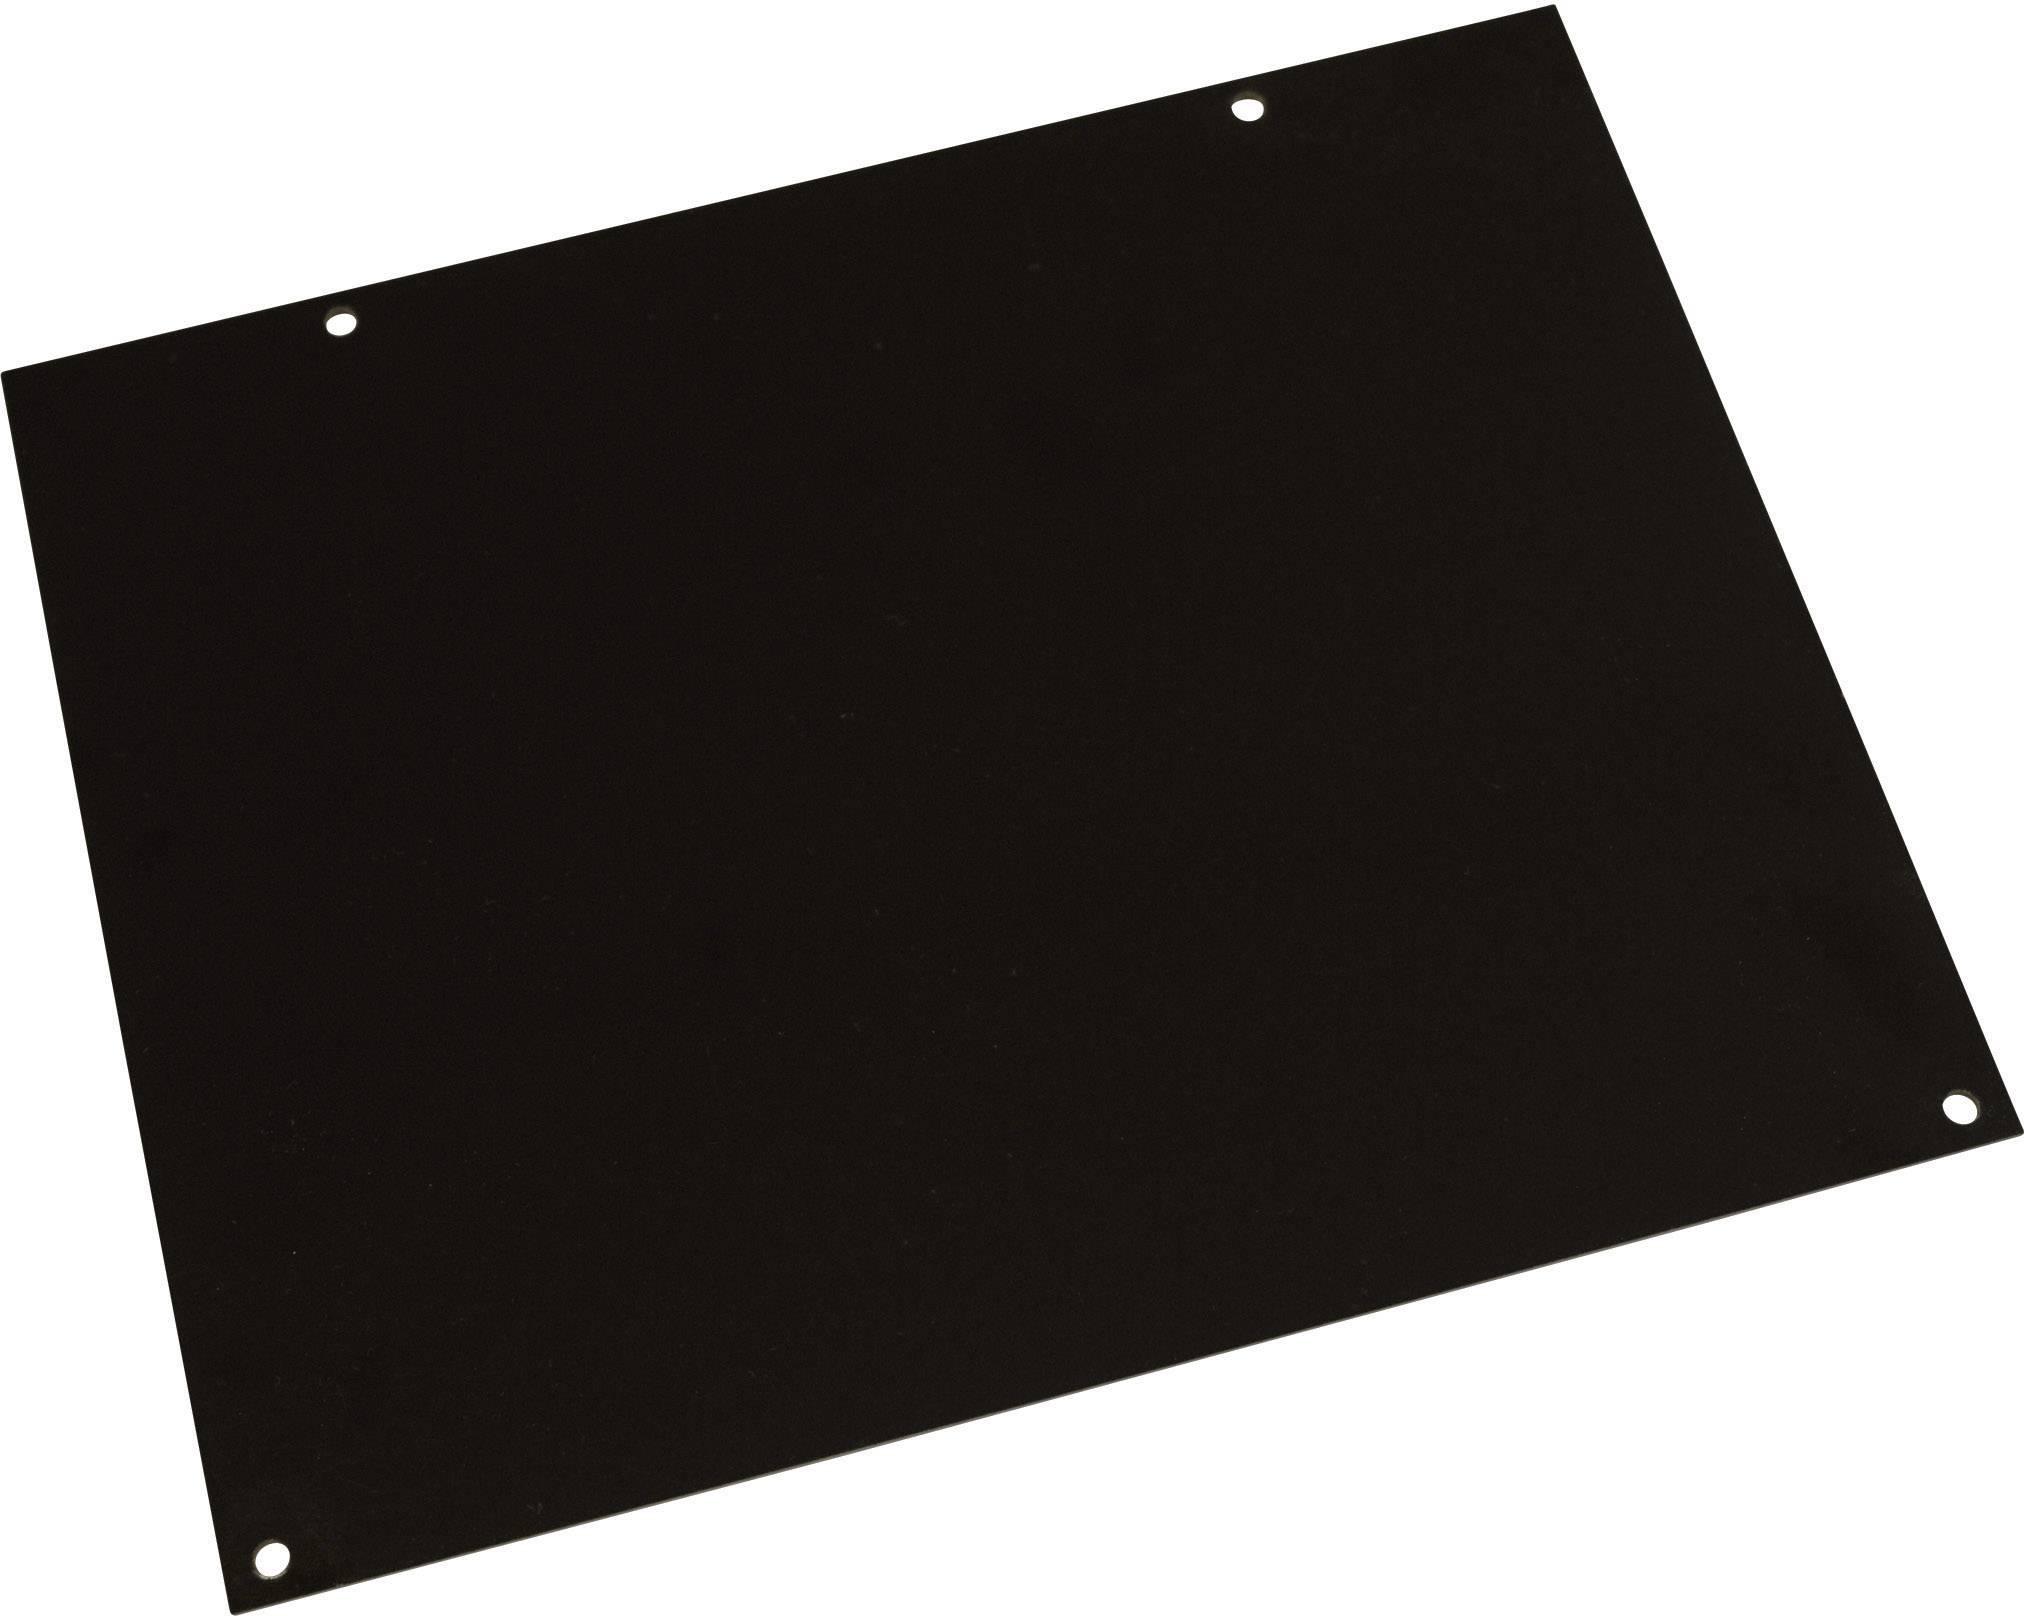 Montážní deska Bopla 41000500